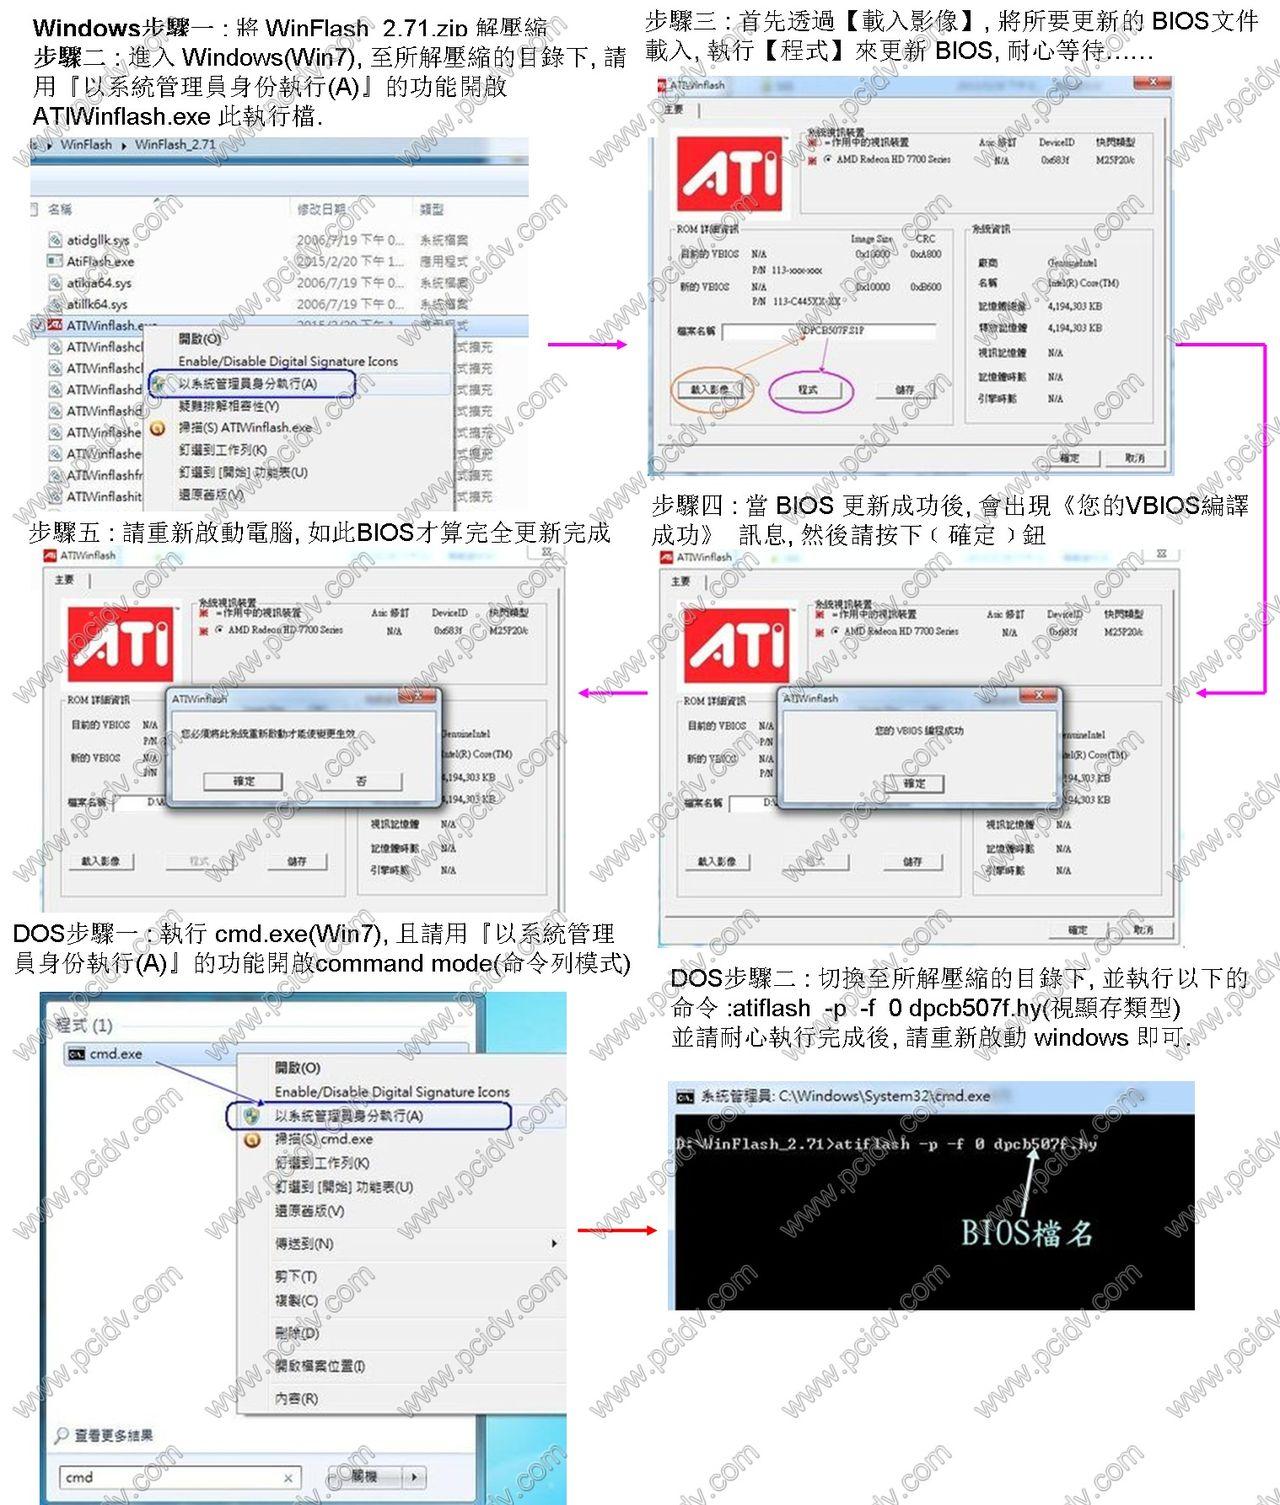 pcidv.com/windows下刷bios软件winflash最新版